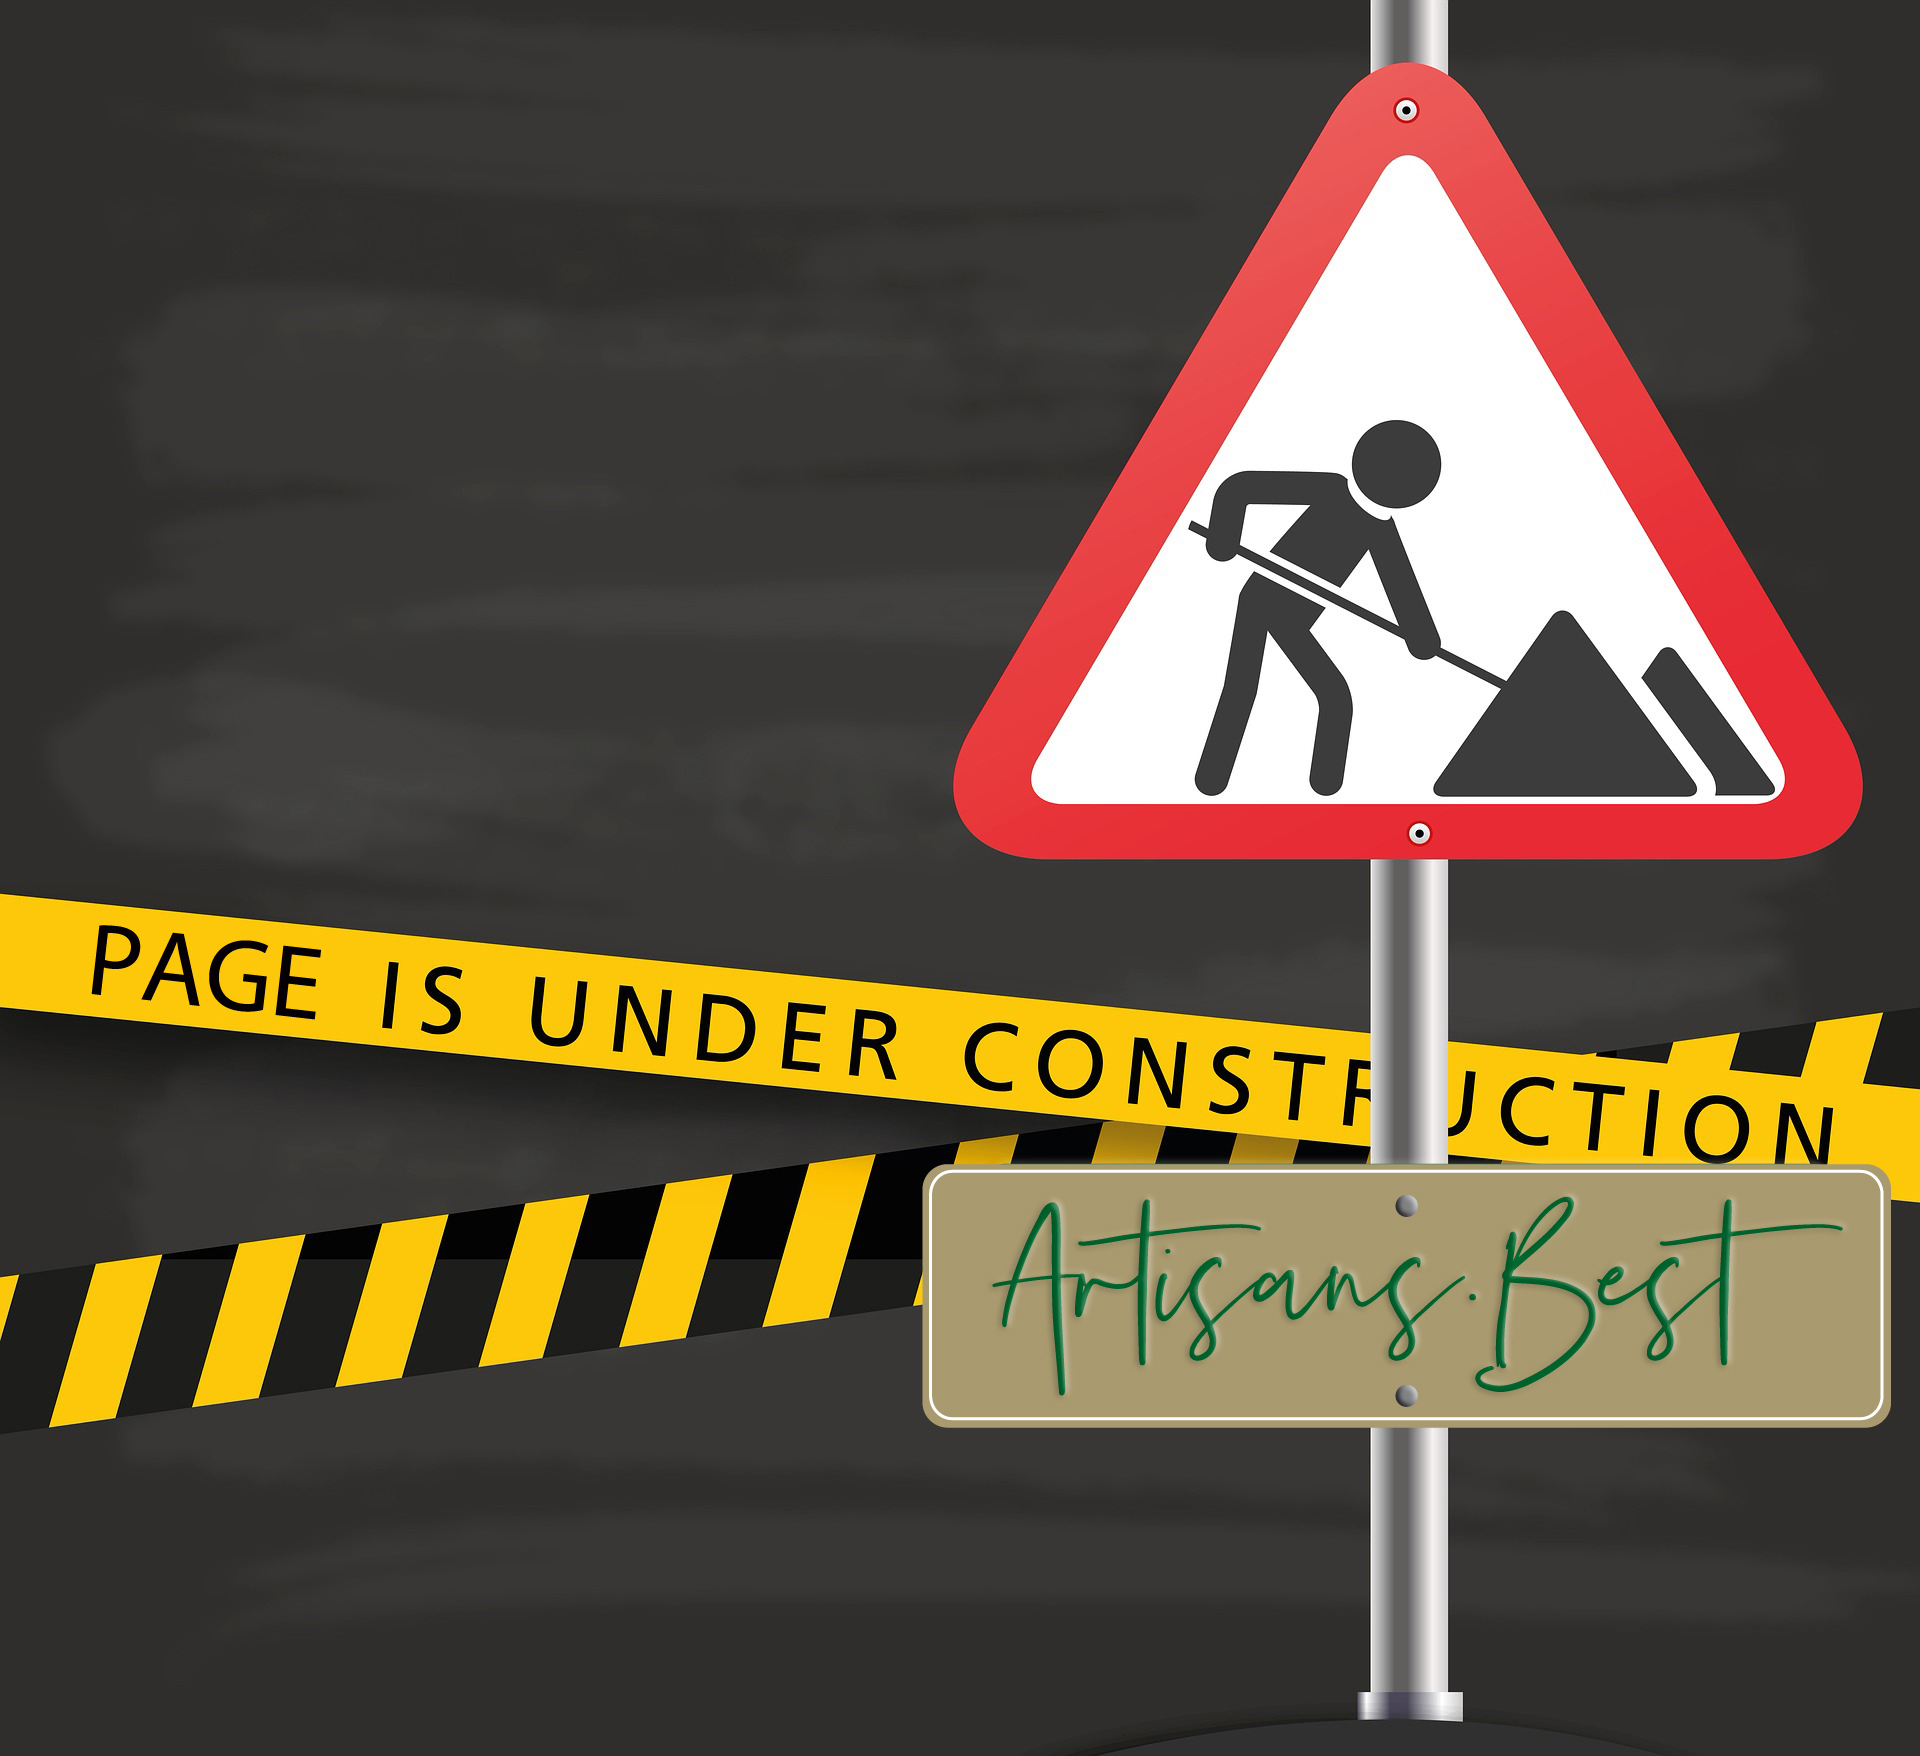 ArtisansBest_under-construction